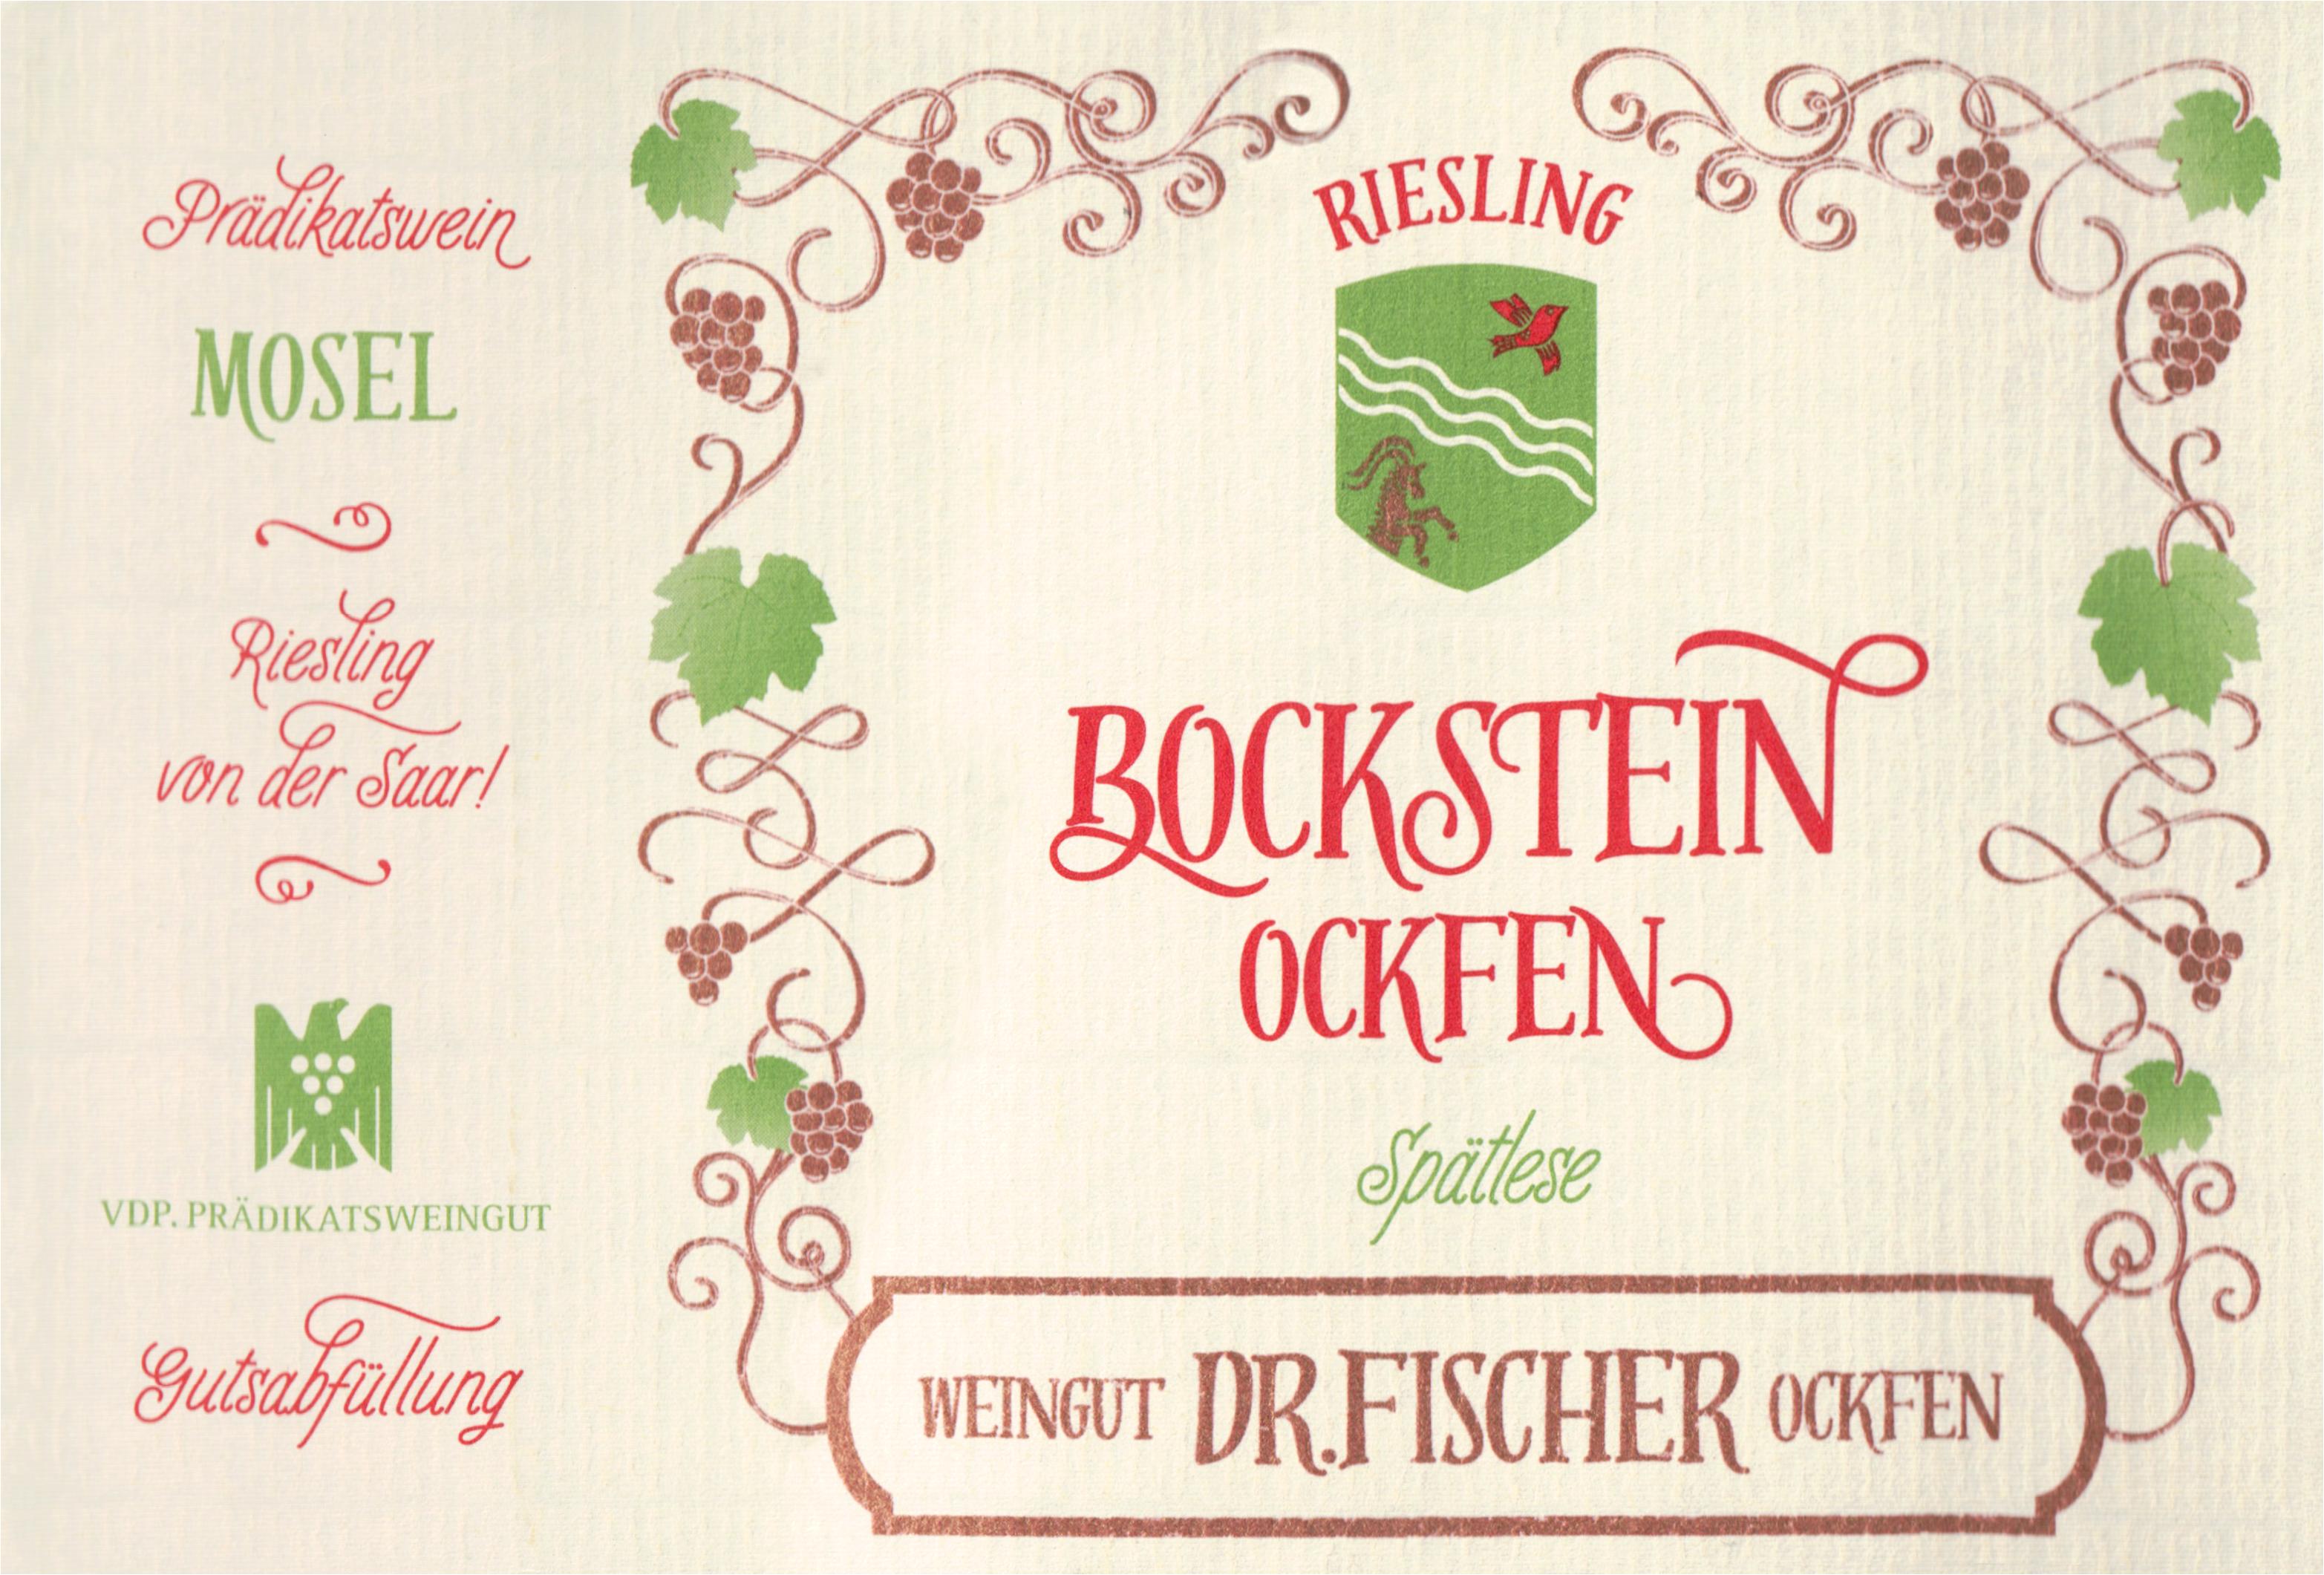 Dr. Fischer Bockstein Spatlese Riesling 2016